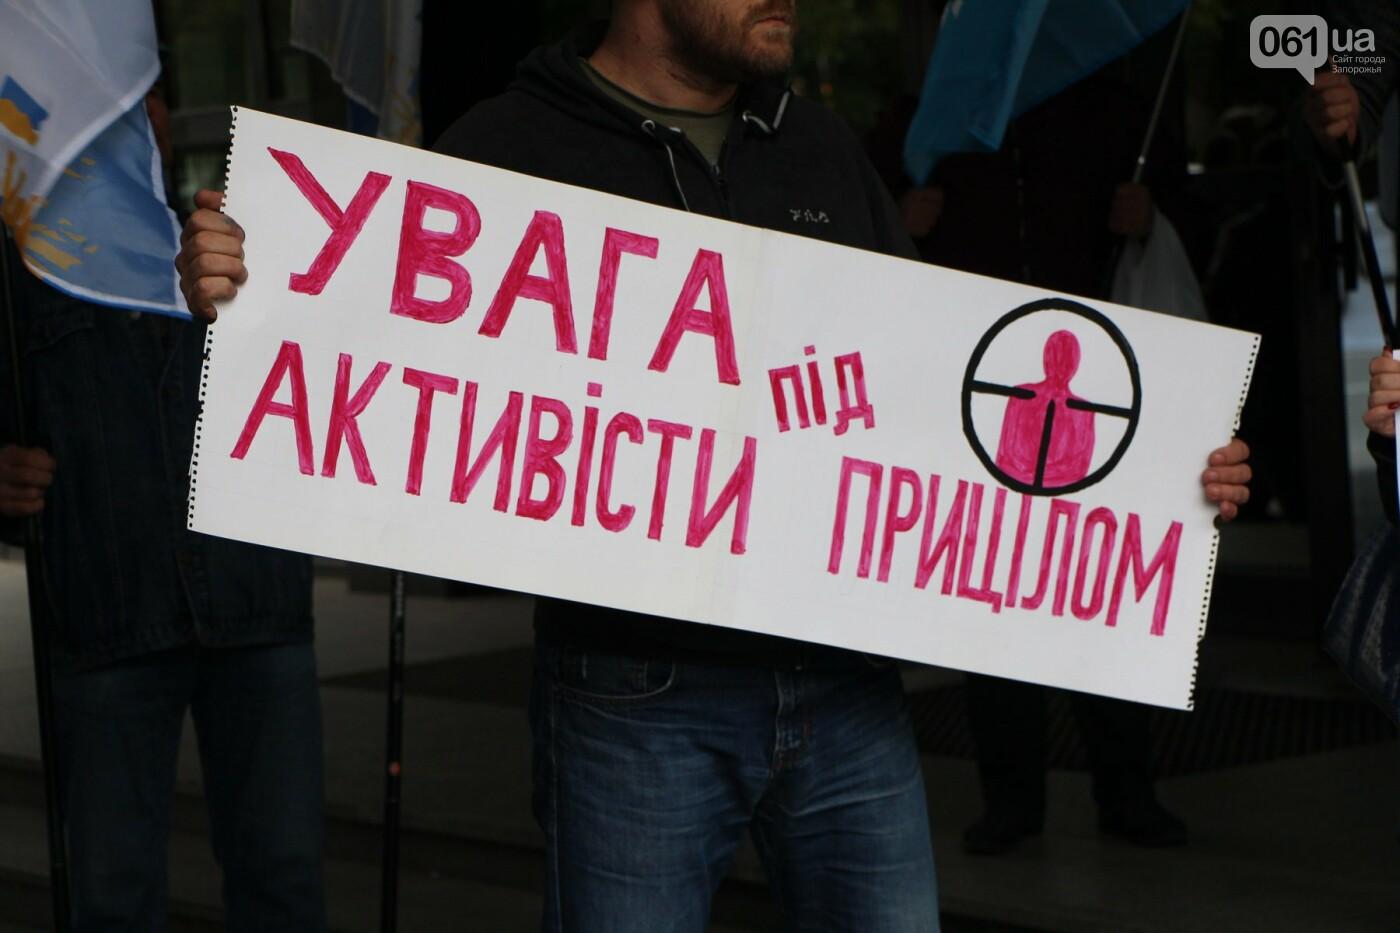 Активисты под прицелом: в Запорожье под зданием Нацполиции митинговали за расследование преступлений, - ФОТОРЕПОРТАЖ, фото-2